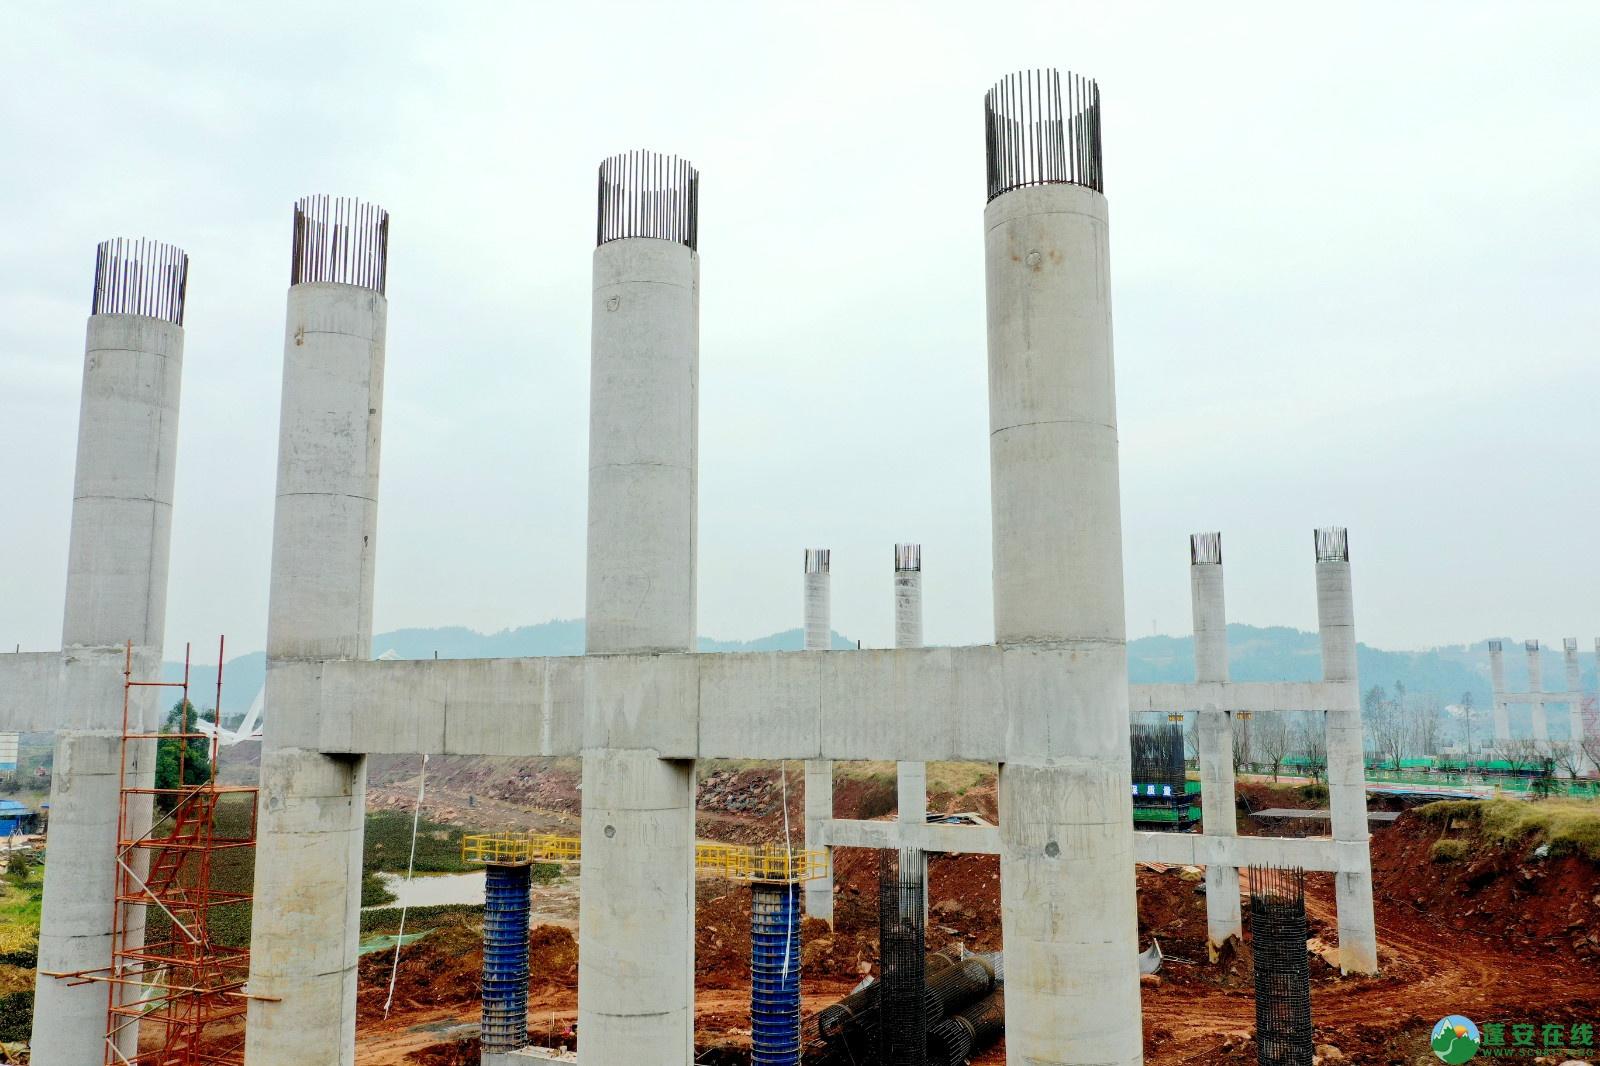 蓬安县顺蓬营公路蓬安嘉陵江三桥进展情况(2019.12.25) - 第1张  | 蓬安在线